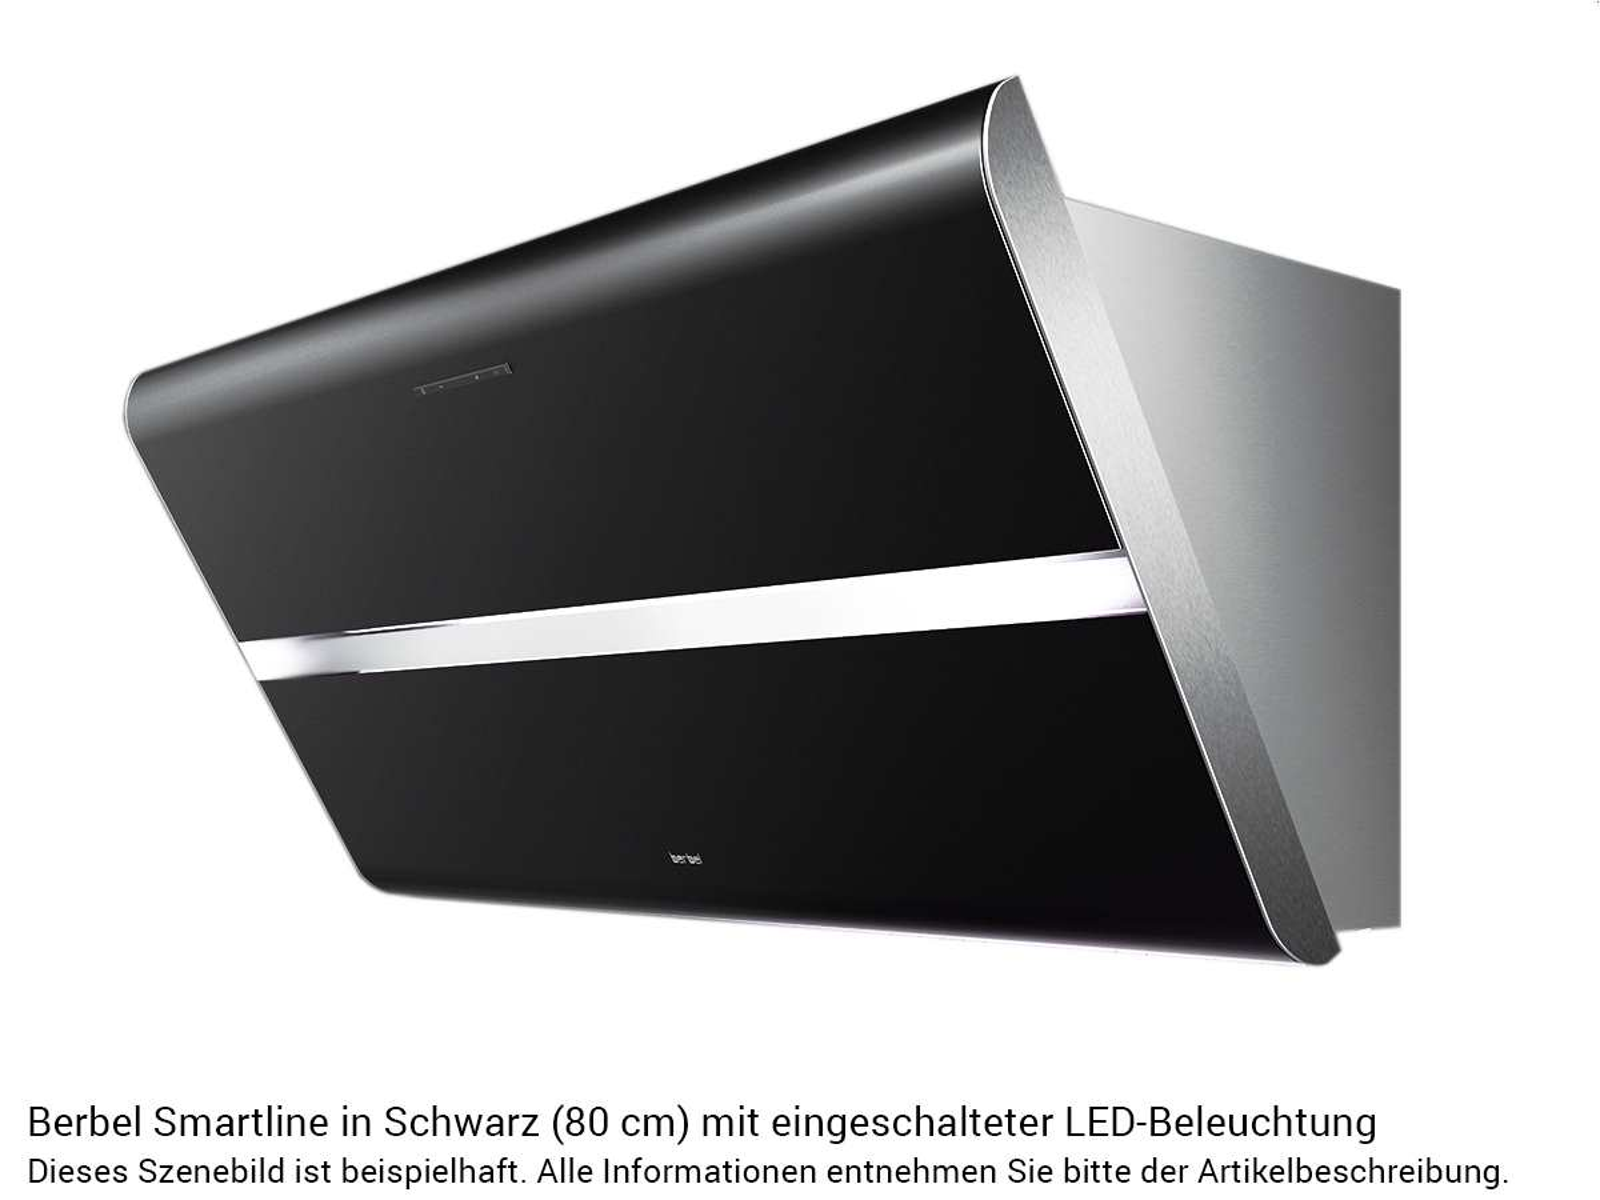 Berbel Smartline BKH 80 ST S P Kopffreihaube Schwarz